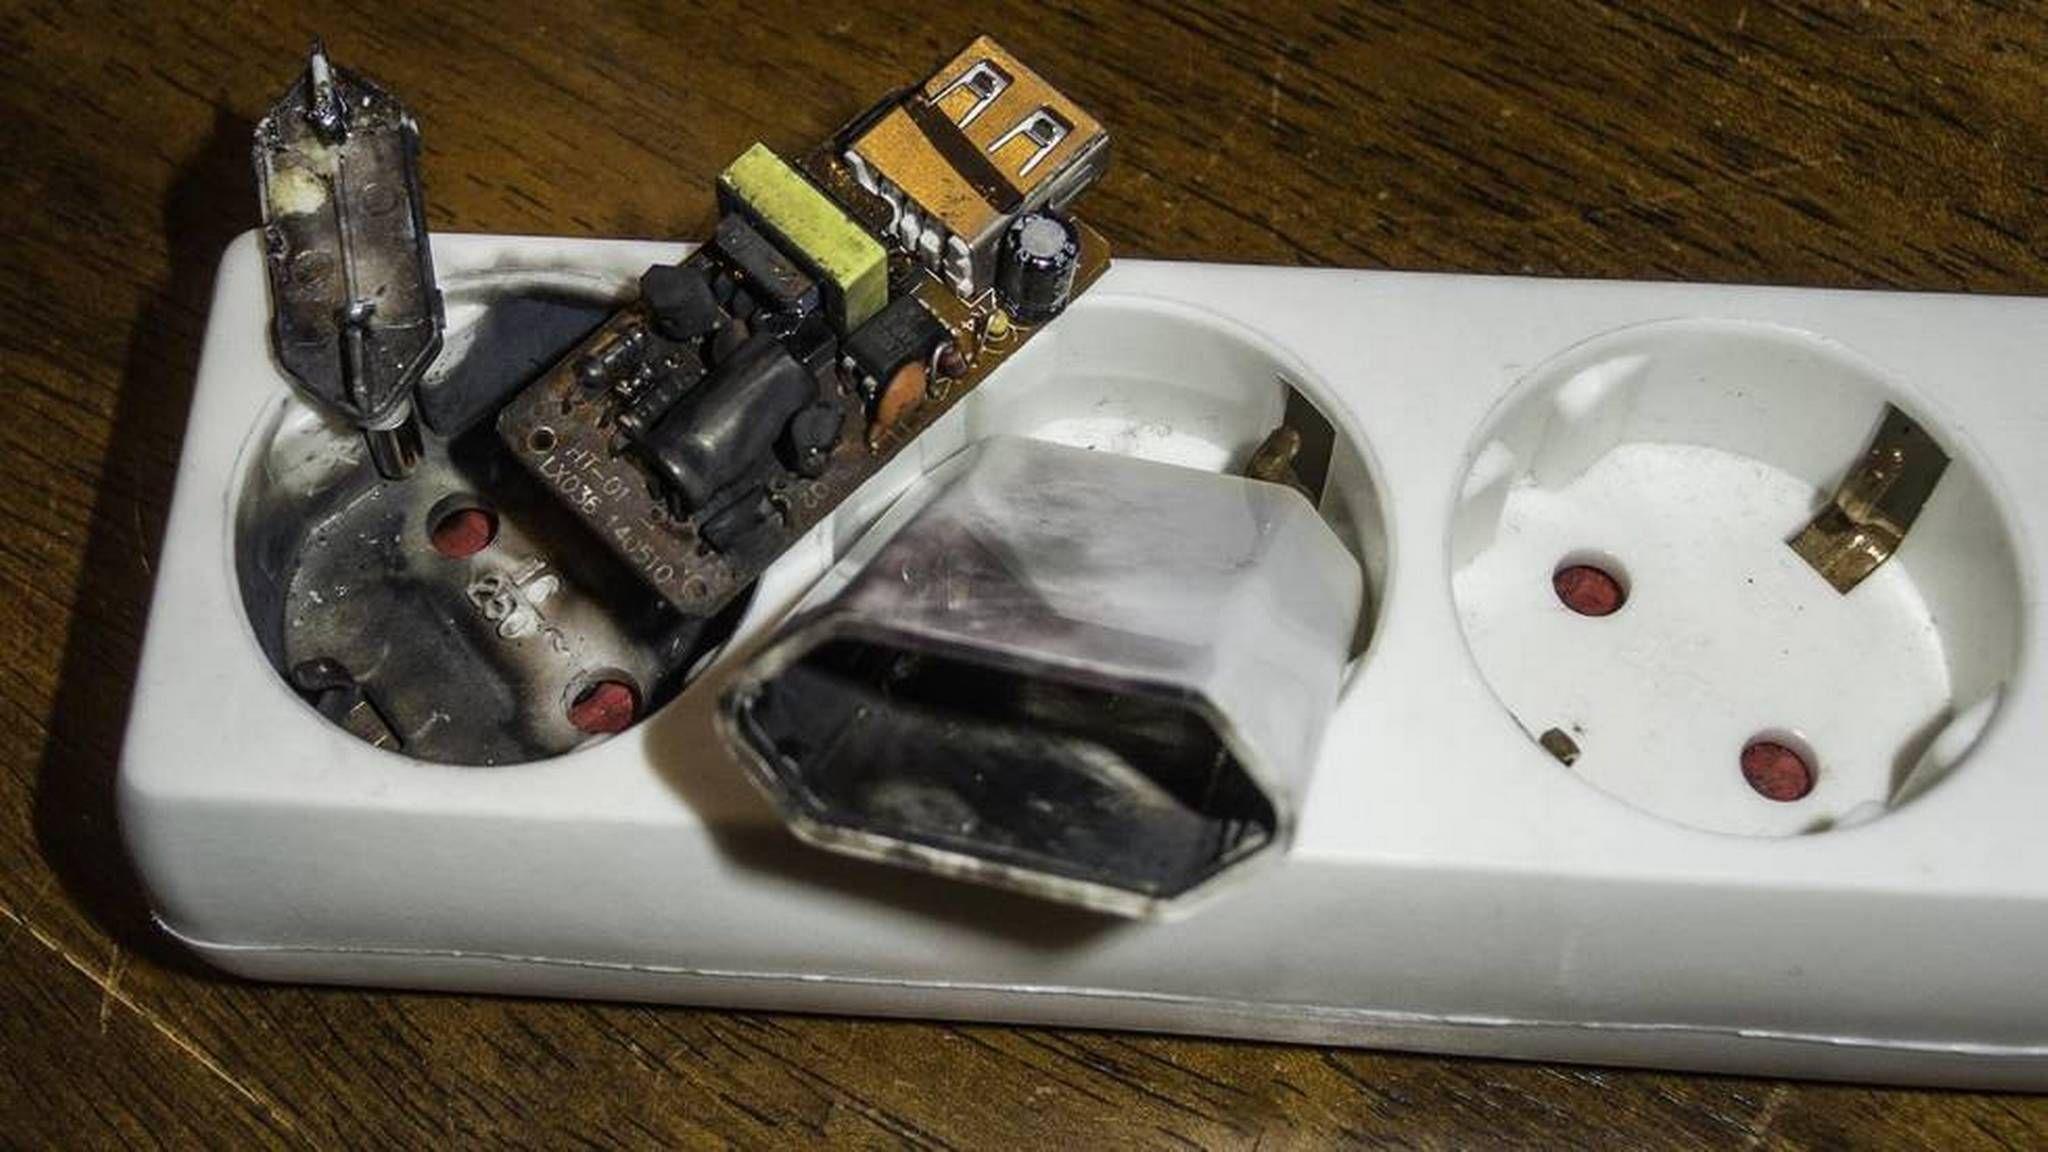 Er det farlig å ha ladere i stikkontakten uten å lade?